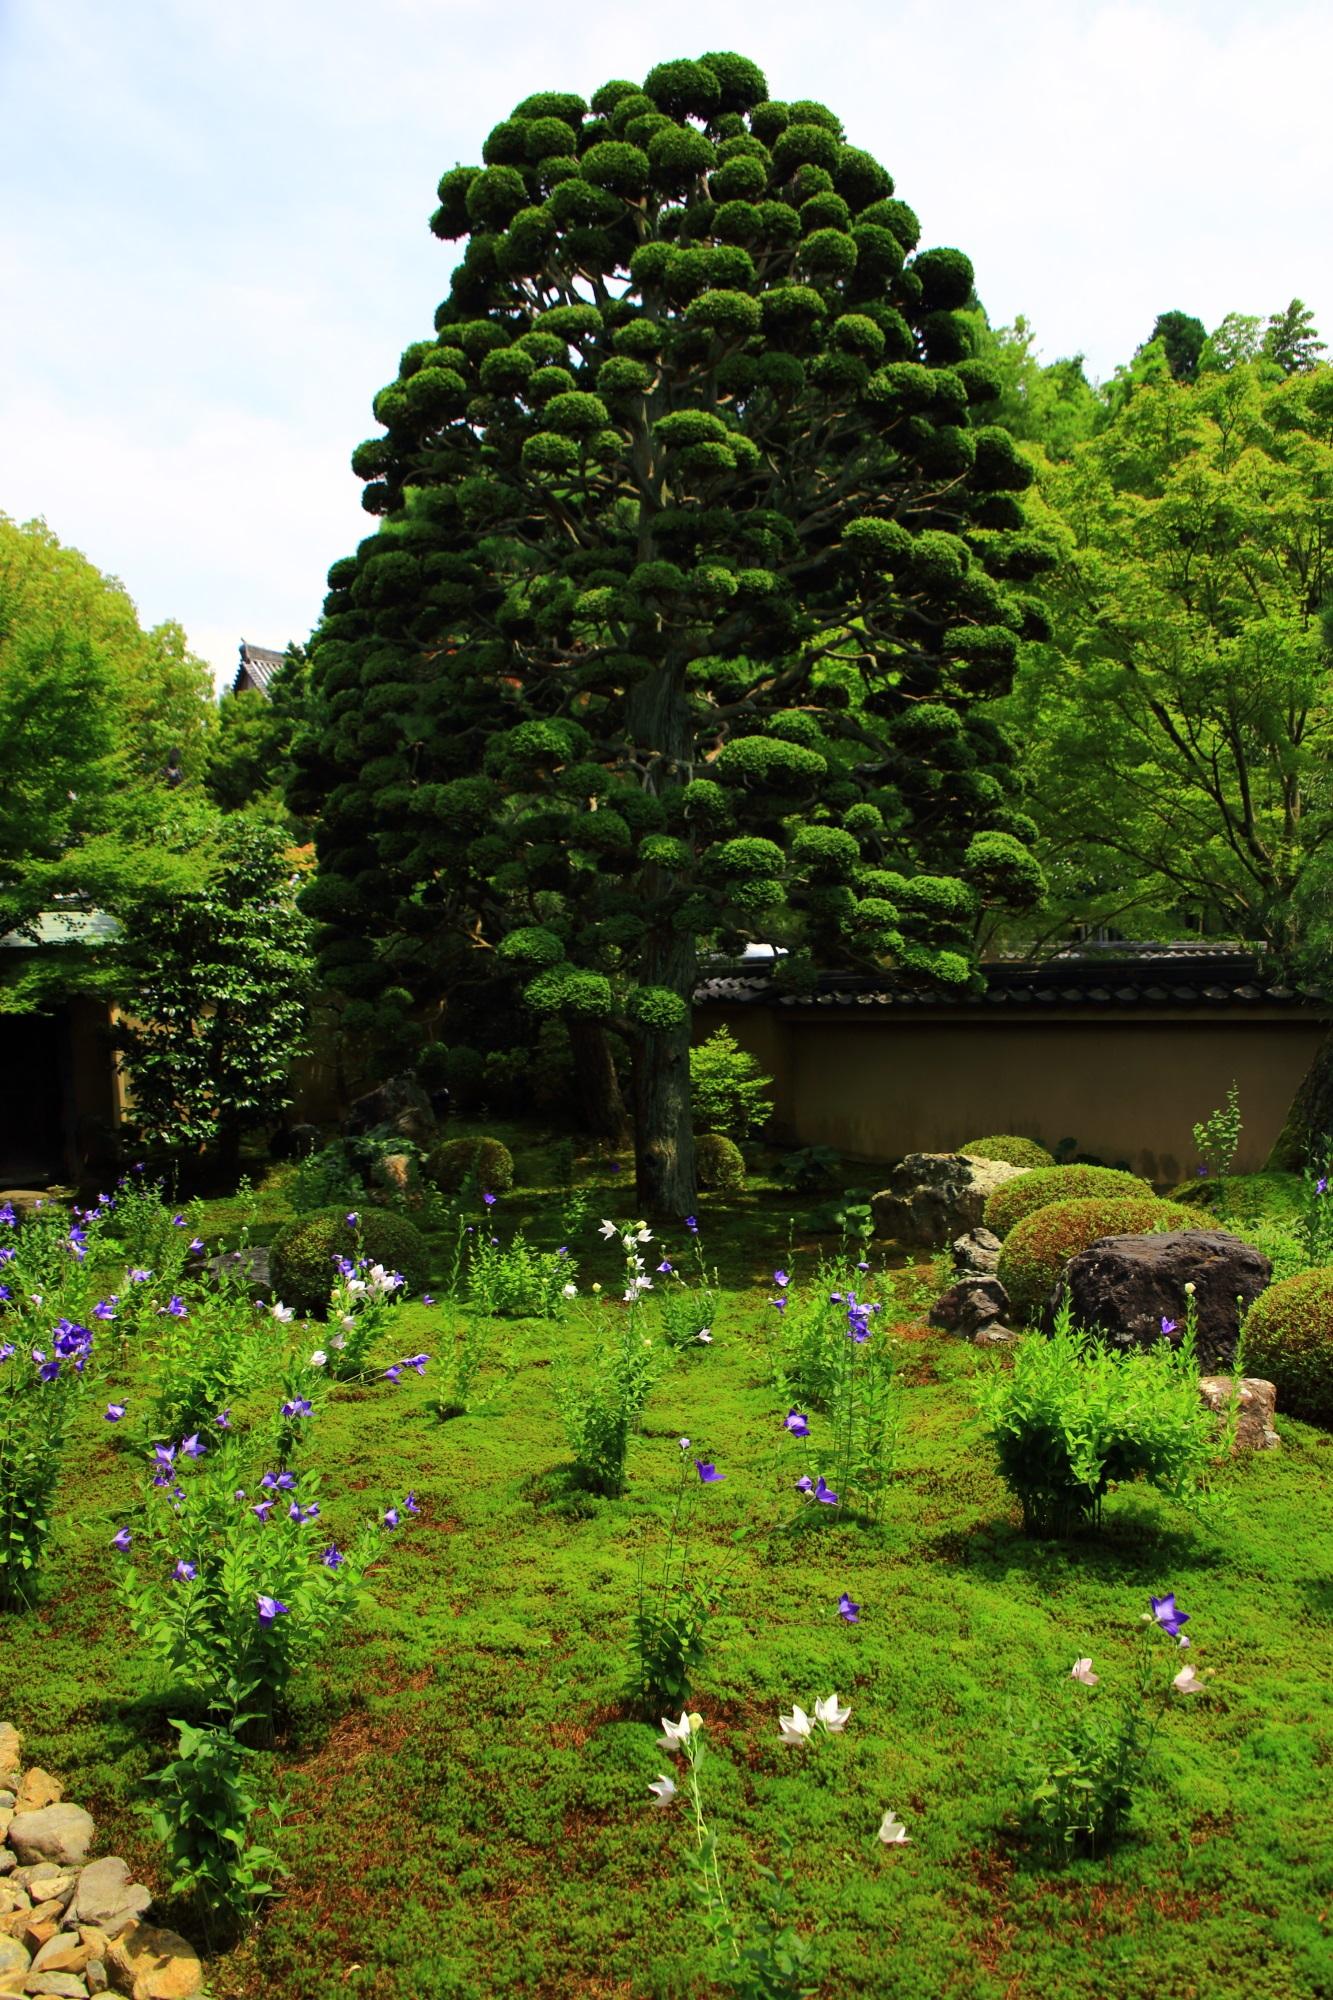 東福寺天得院のモコモコの可愛い松と華やかな桔梗の花